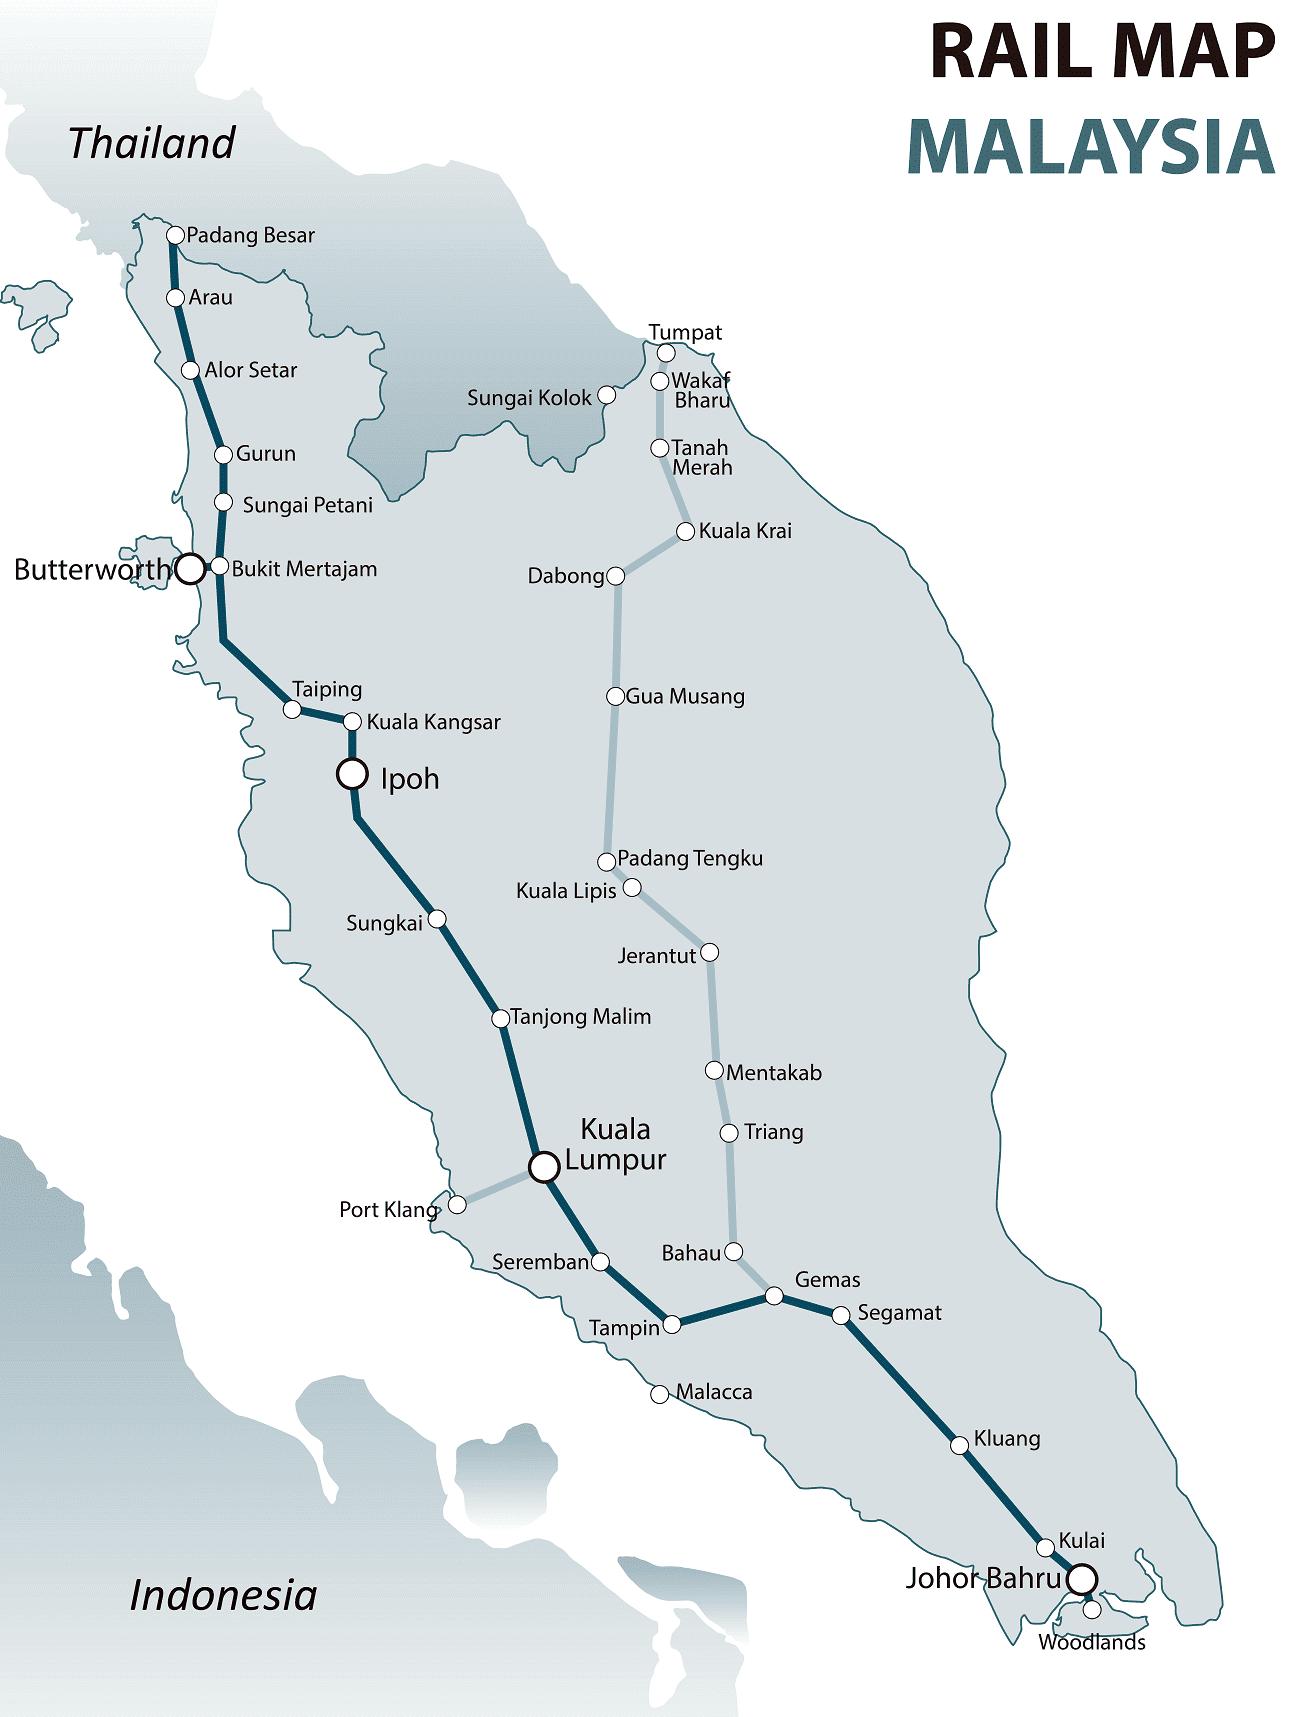 Malaysia rail map